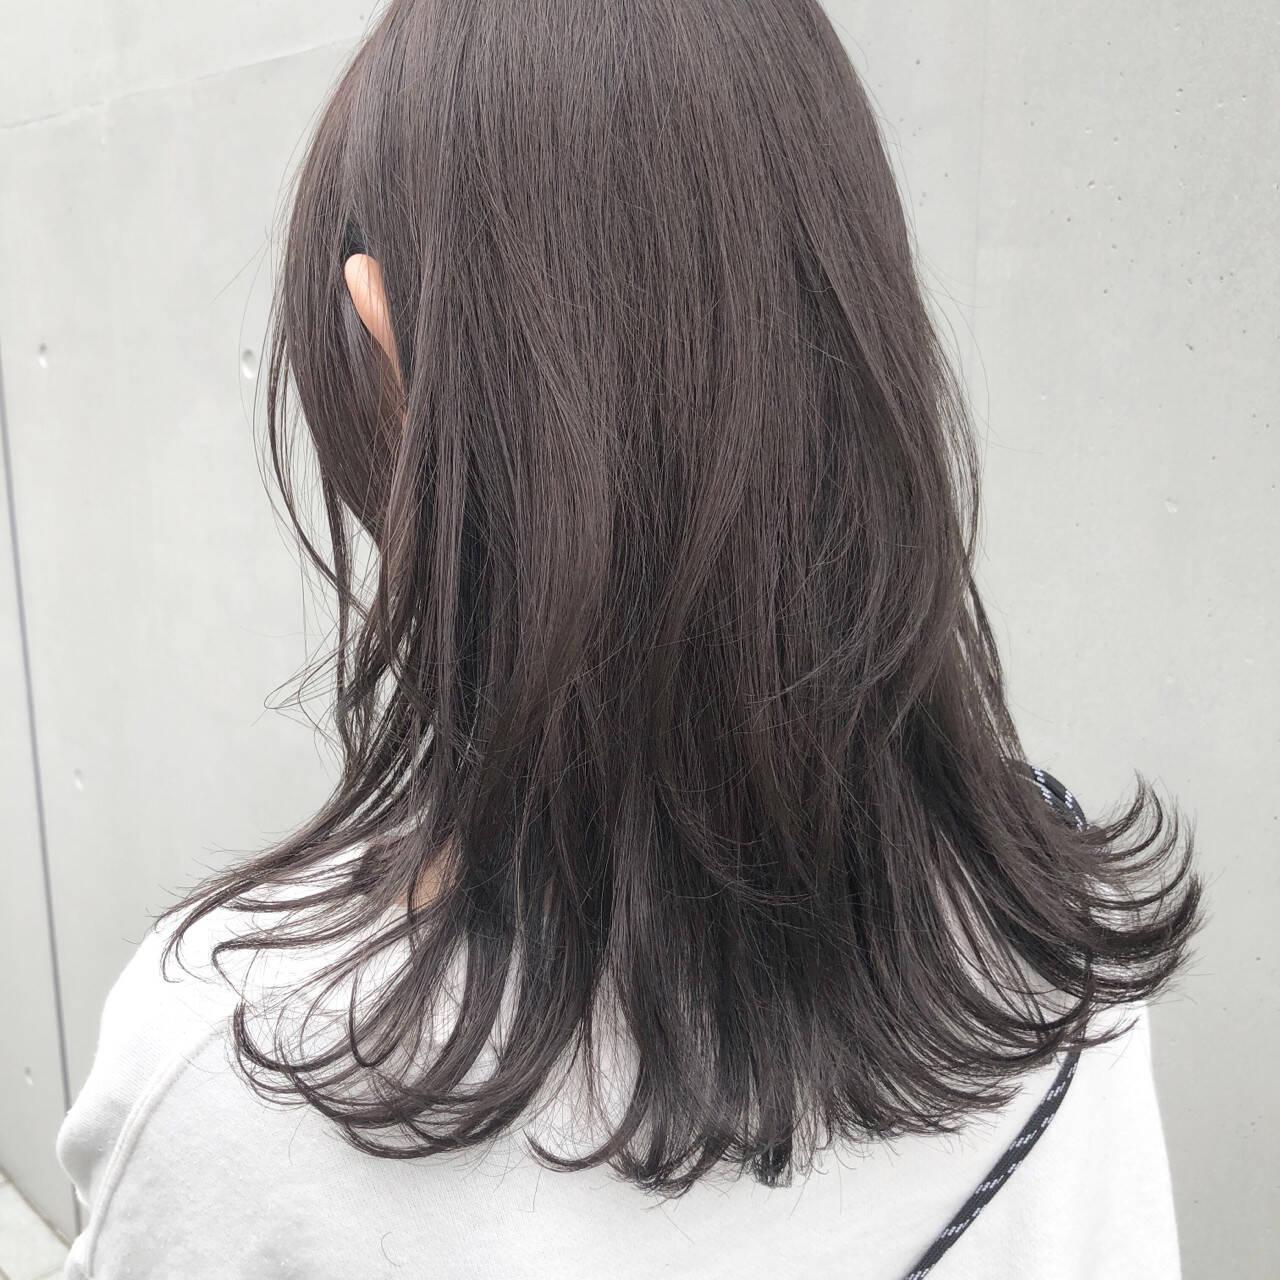 ミディアム ブルージュ グレージュ ナチュラルヘアスタイルや髪型の写真・画像